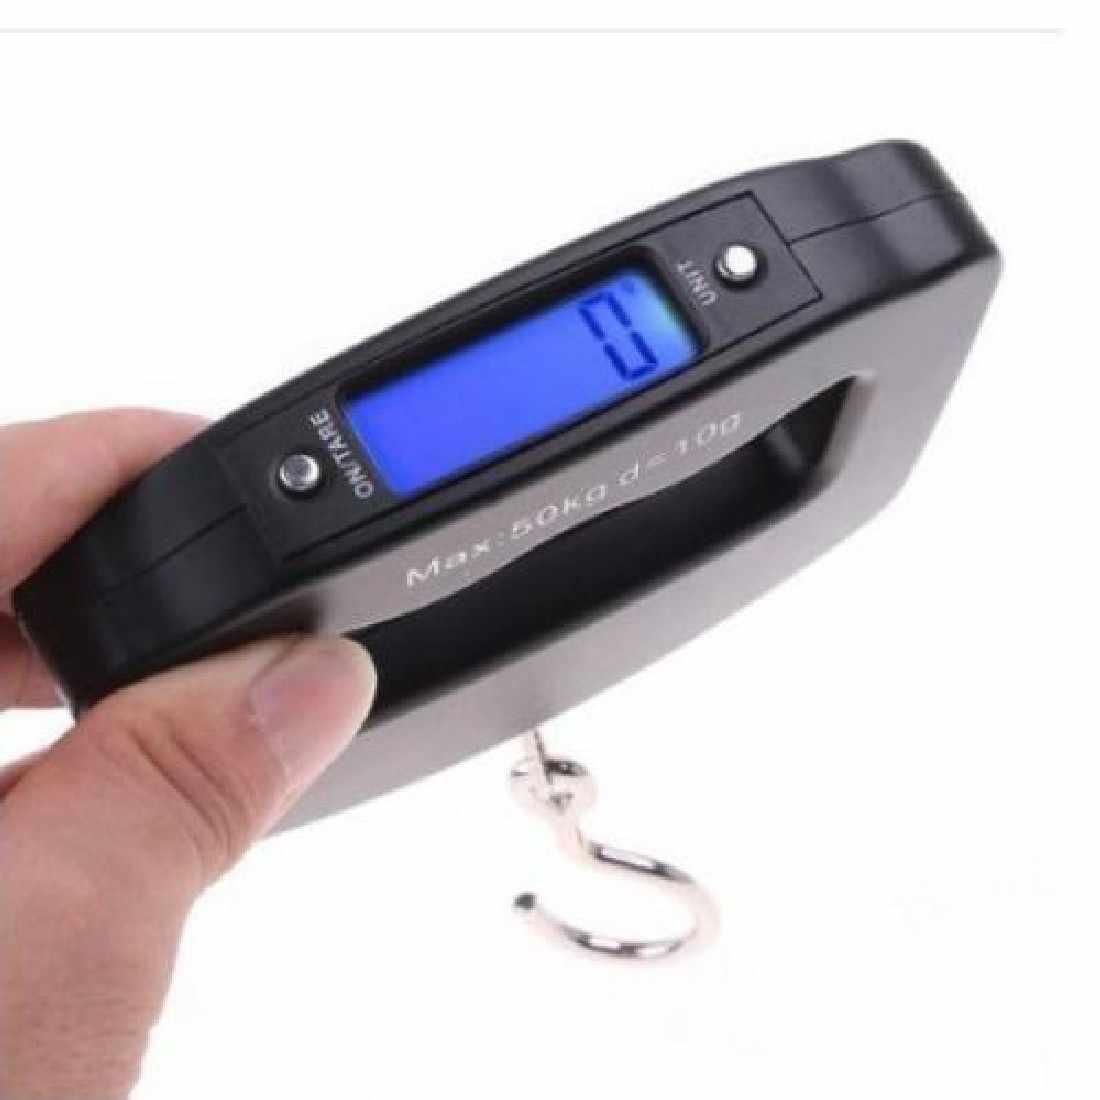 Mini Hand Held Plastic 50 kg/10g LCD Digital Pesca Gancho de Suspensão Balança Eletrônica Balança de Bolso Escala de Peso Da Bagagem